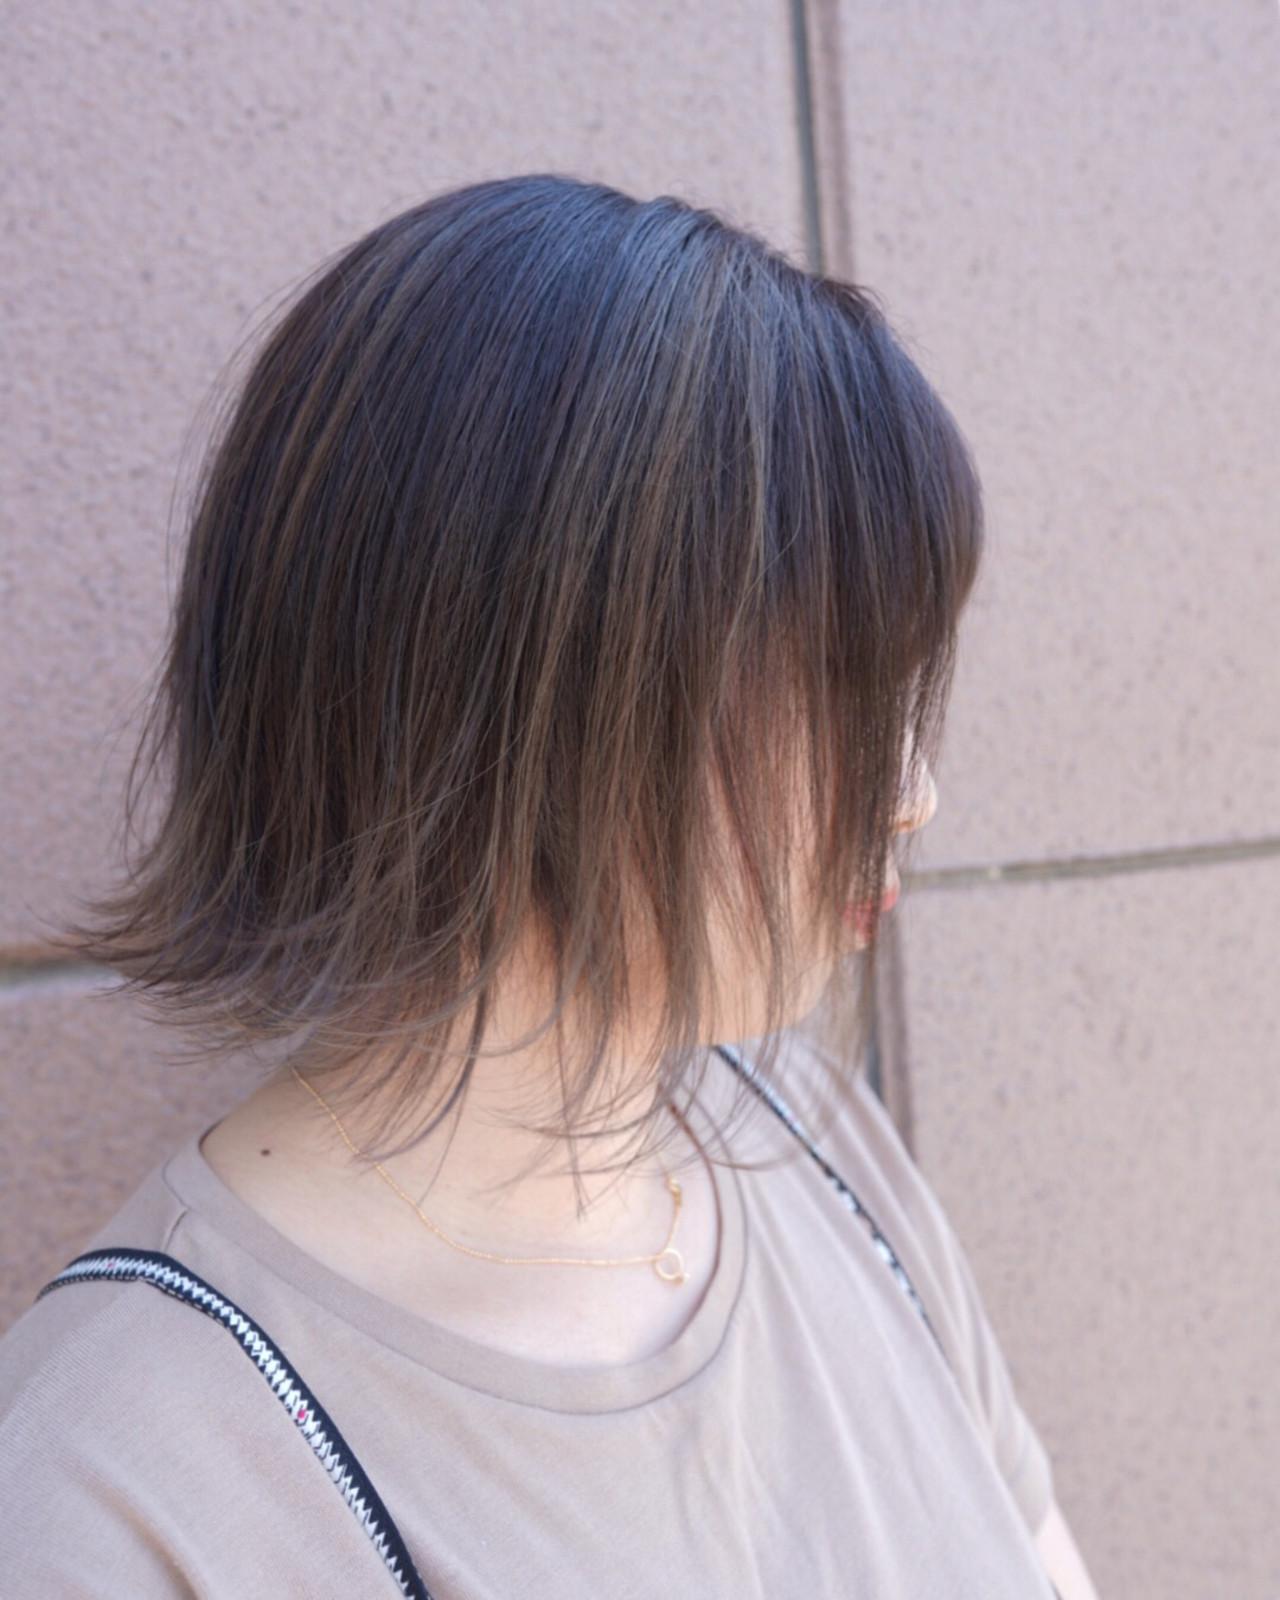 グラデーションカラー 学生 ボブ ストリート ヘアスタイルや髪型の写真・画像 | 今西優 / scissors